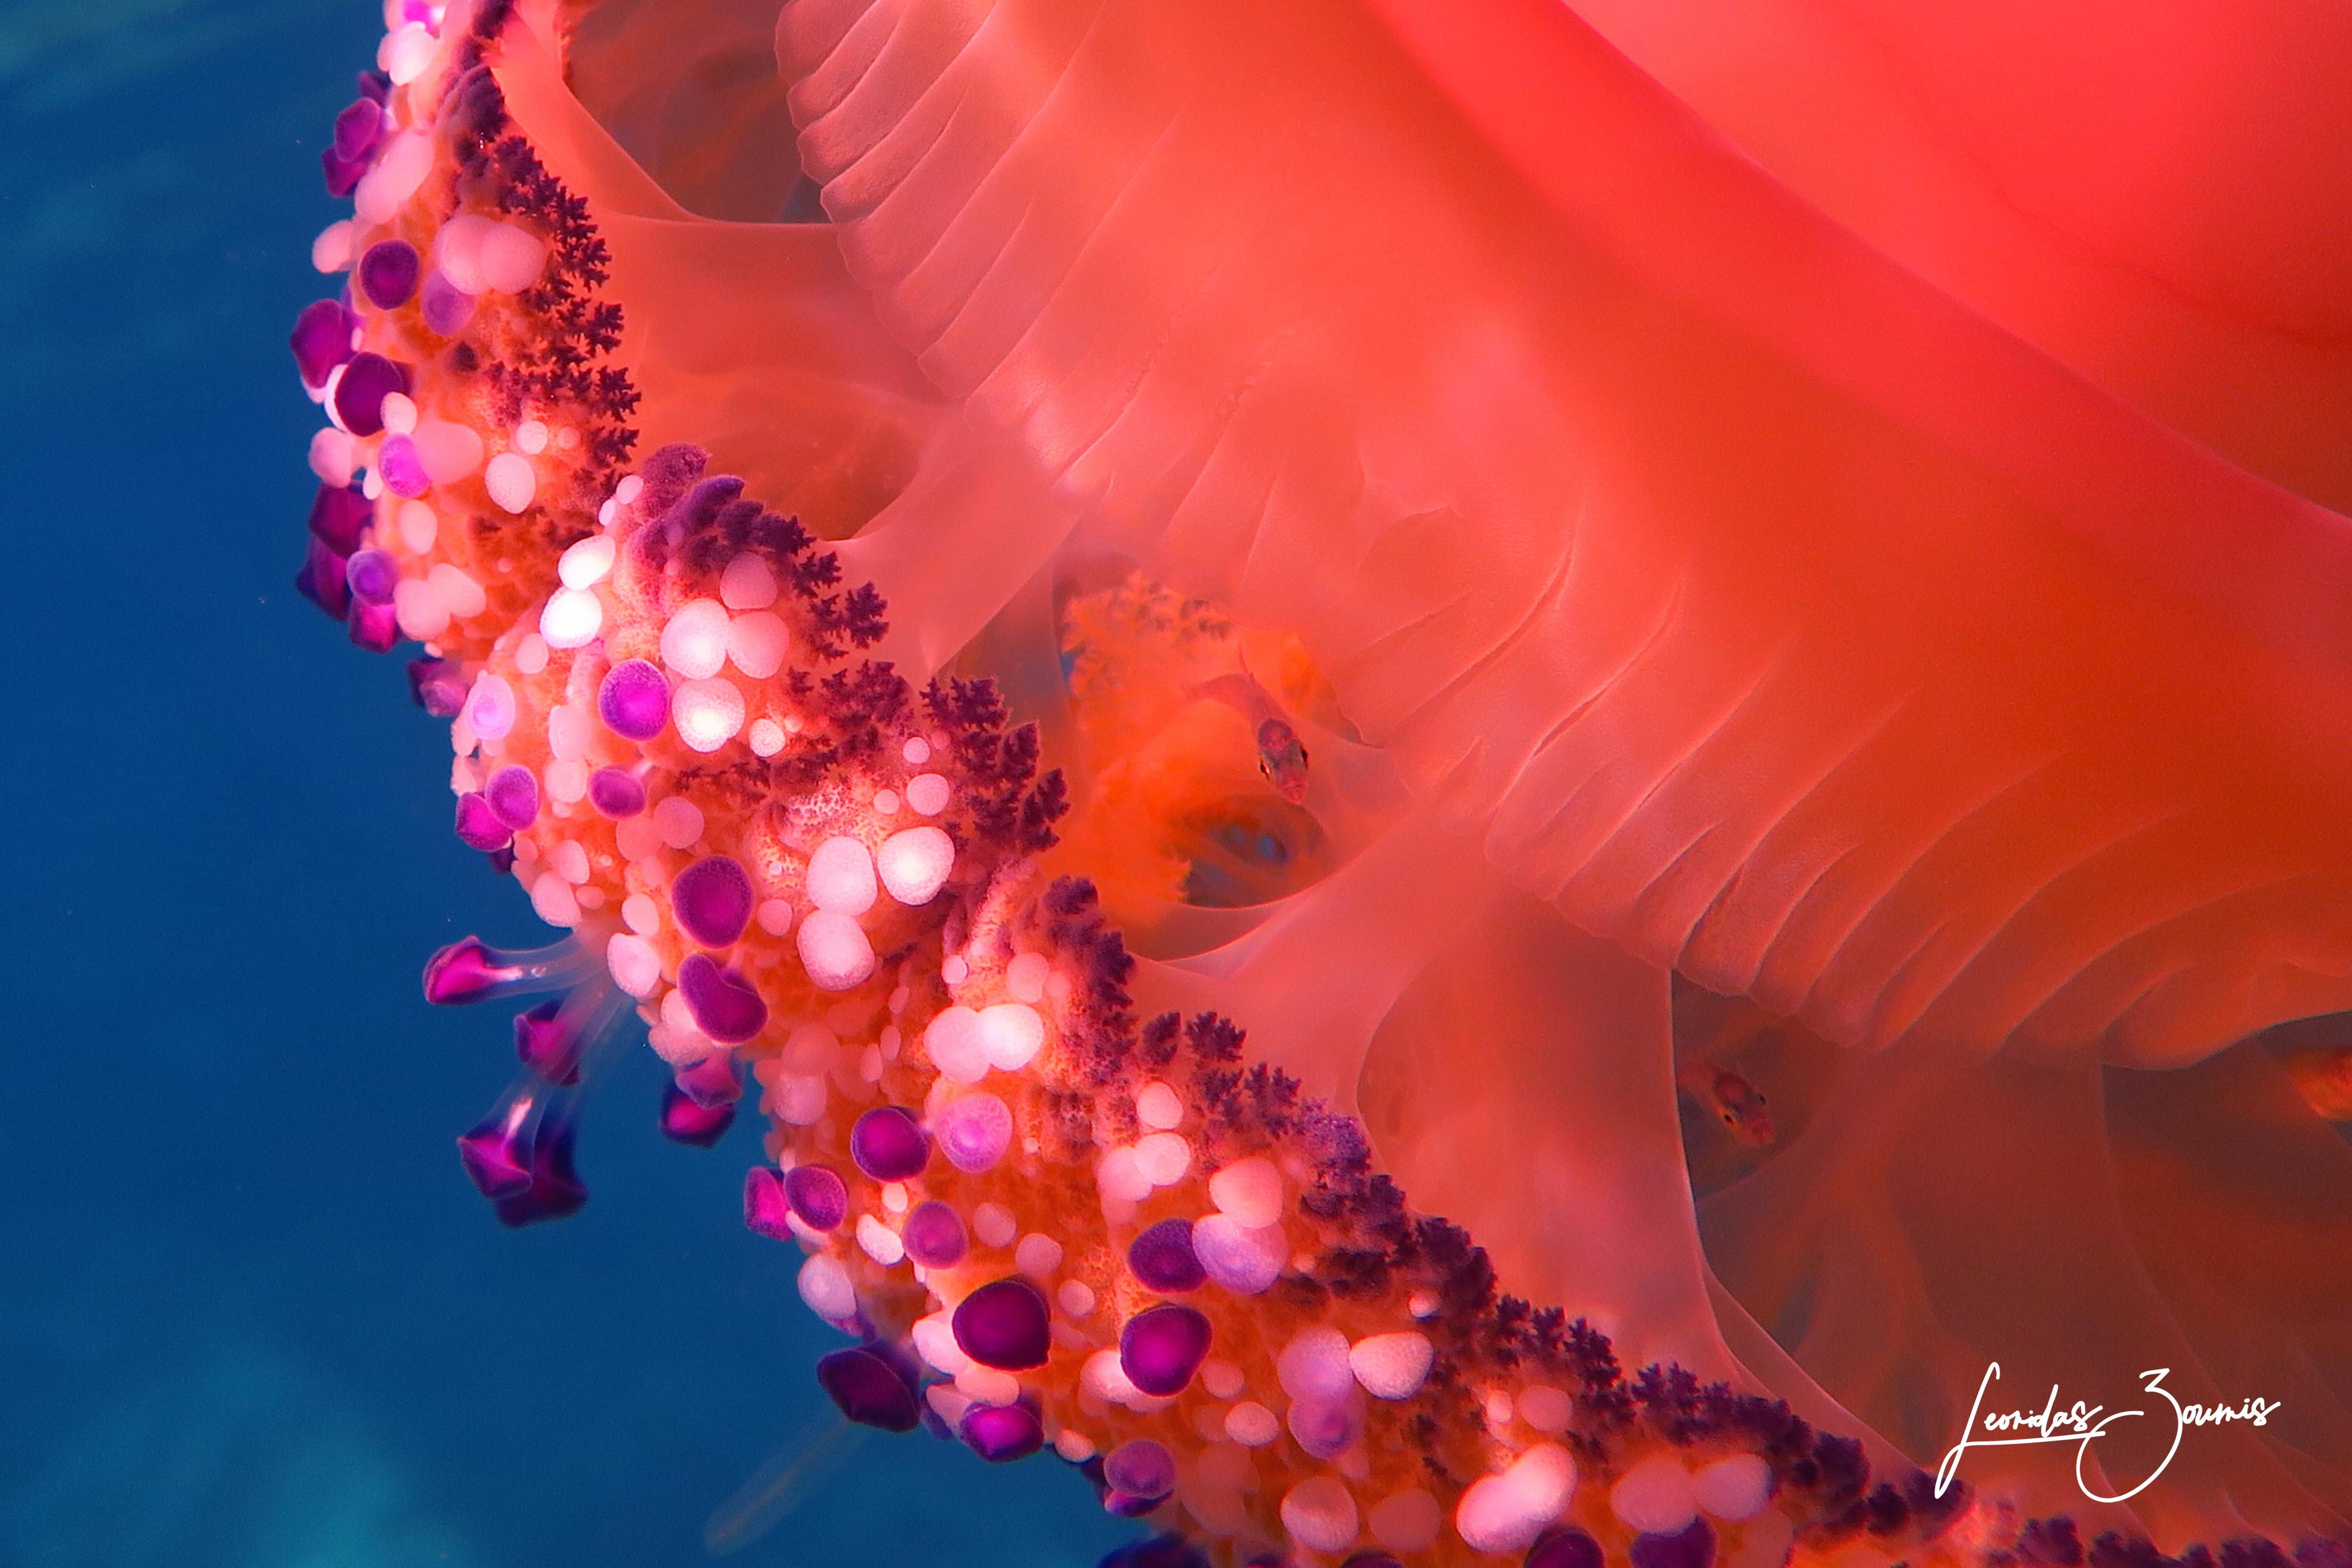 Εισαγωγή στην υποβρύχια φωτογραφία (… του Λεωνίδα Ζουμή)